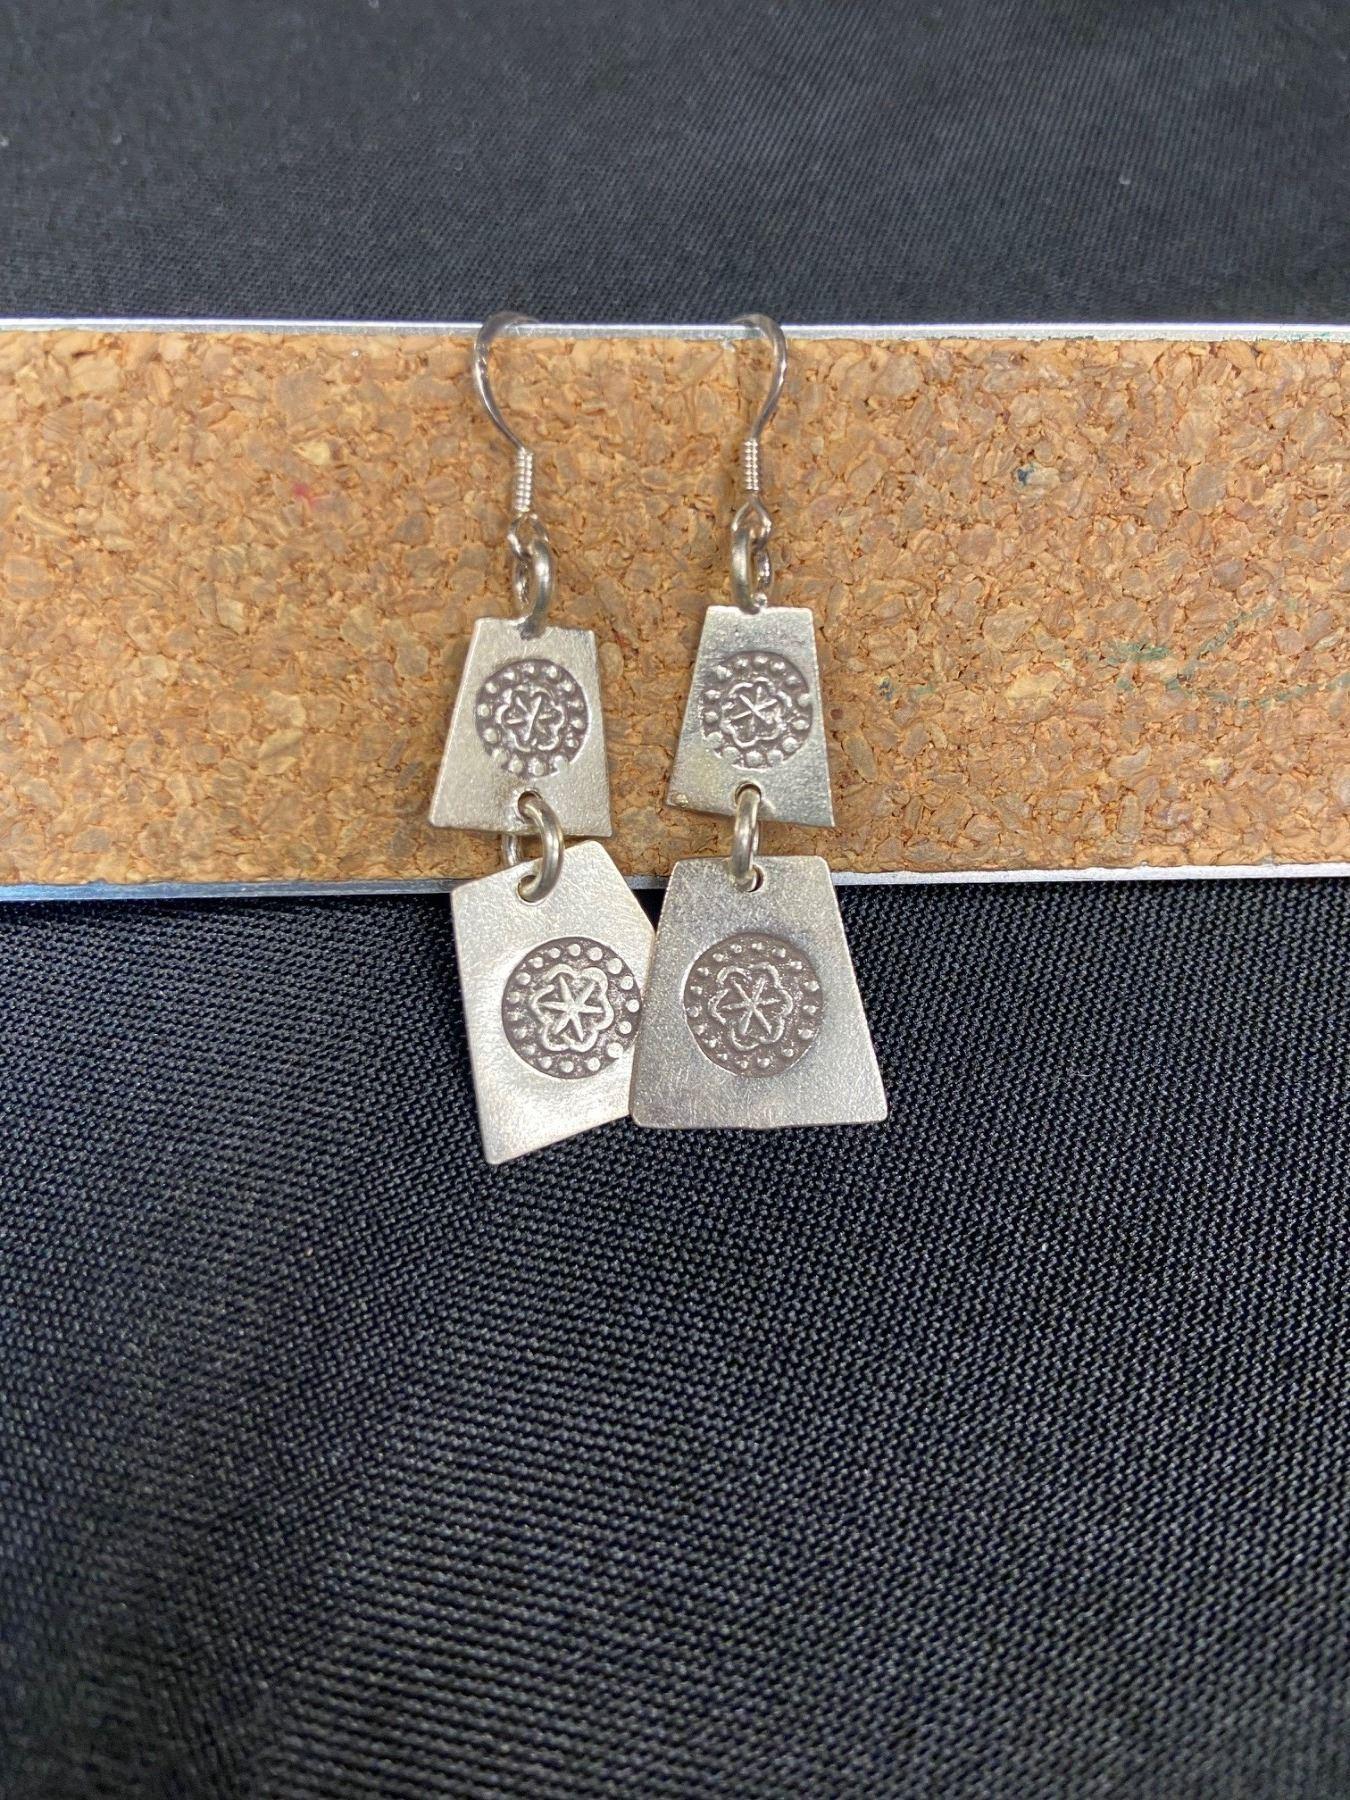 Silver Pendant Earrings